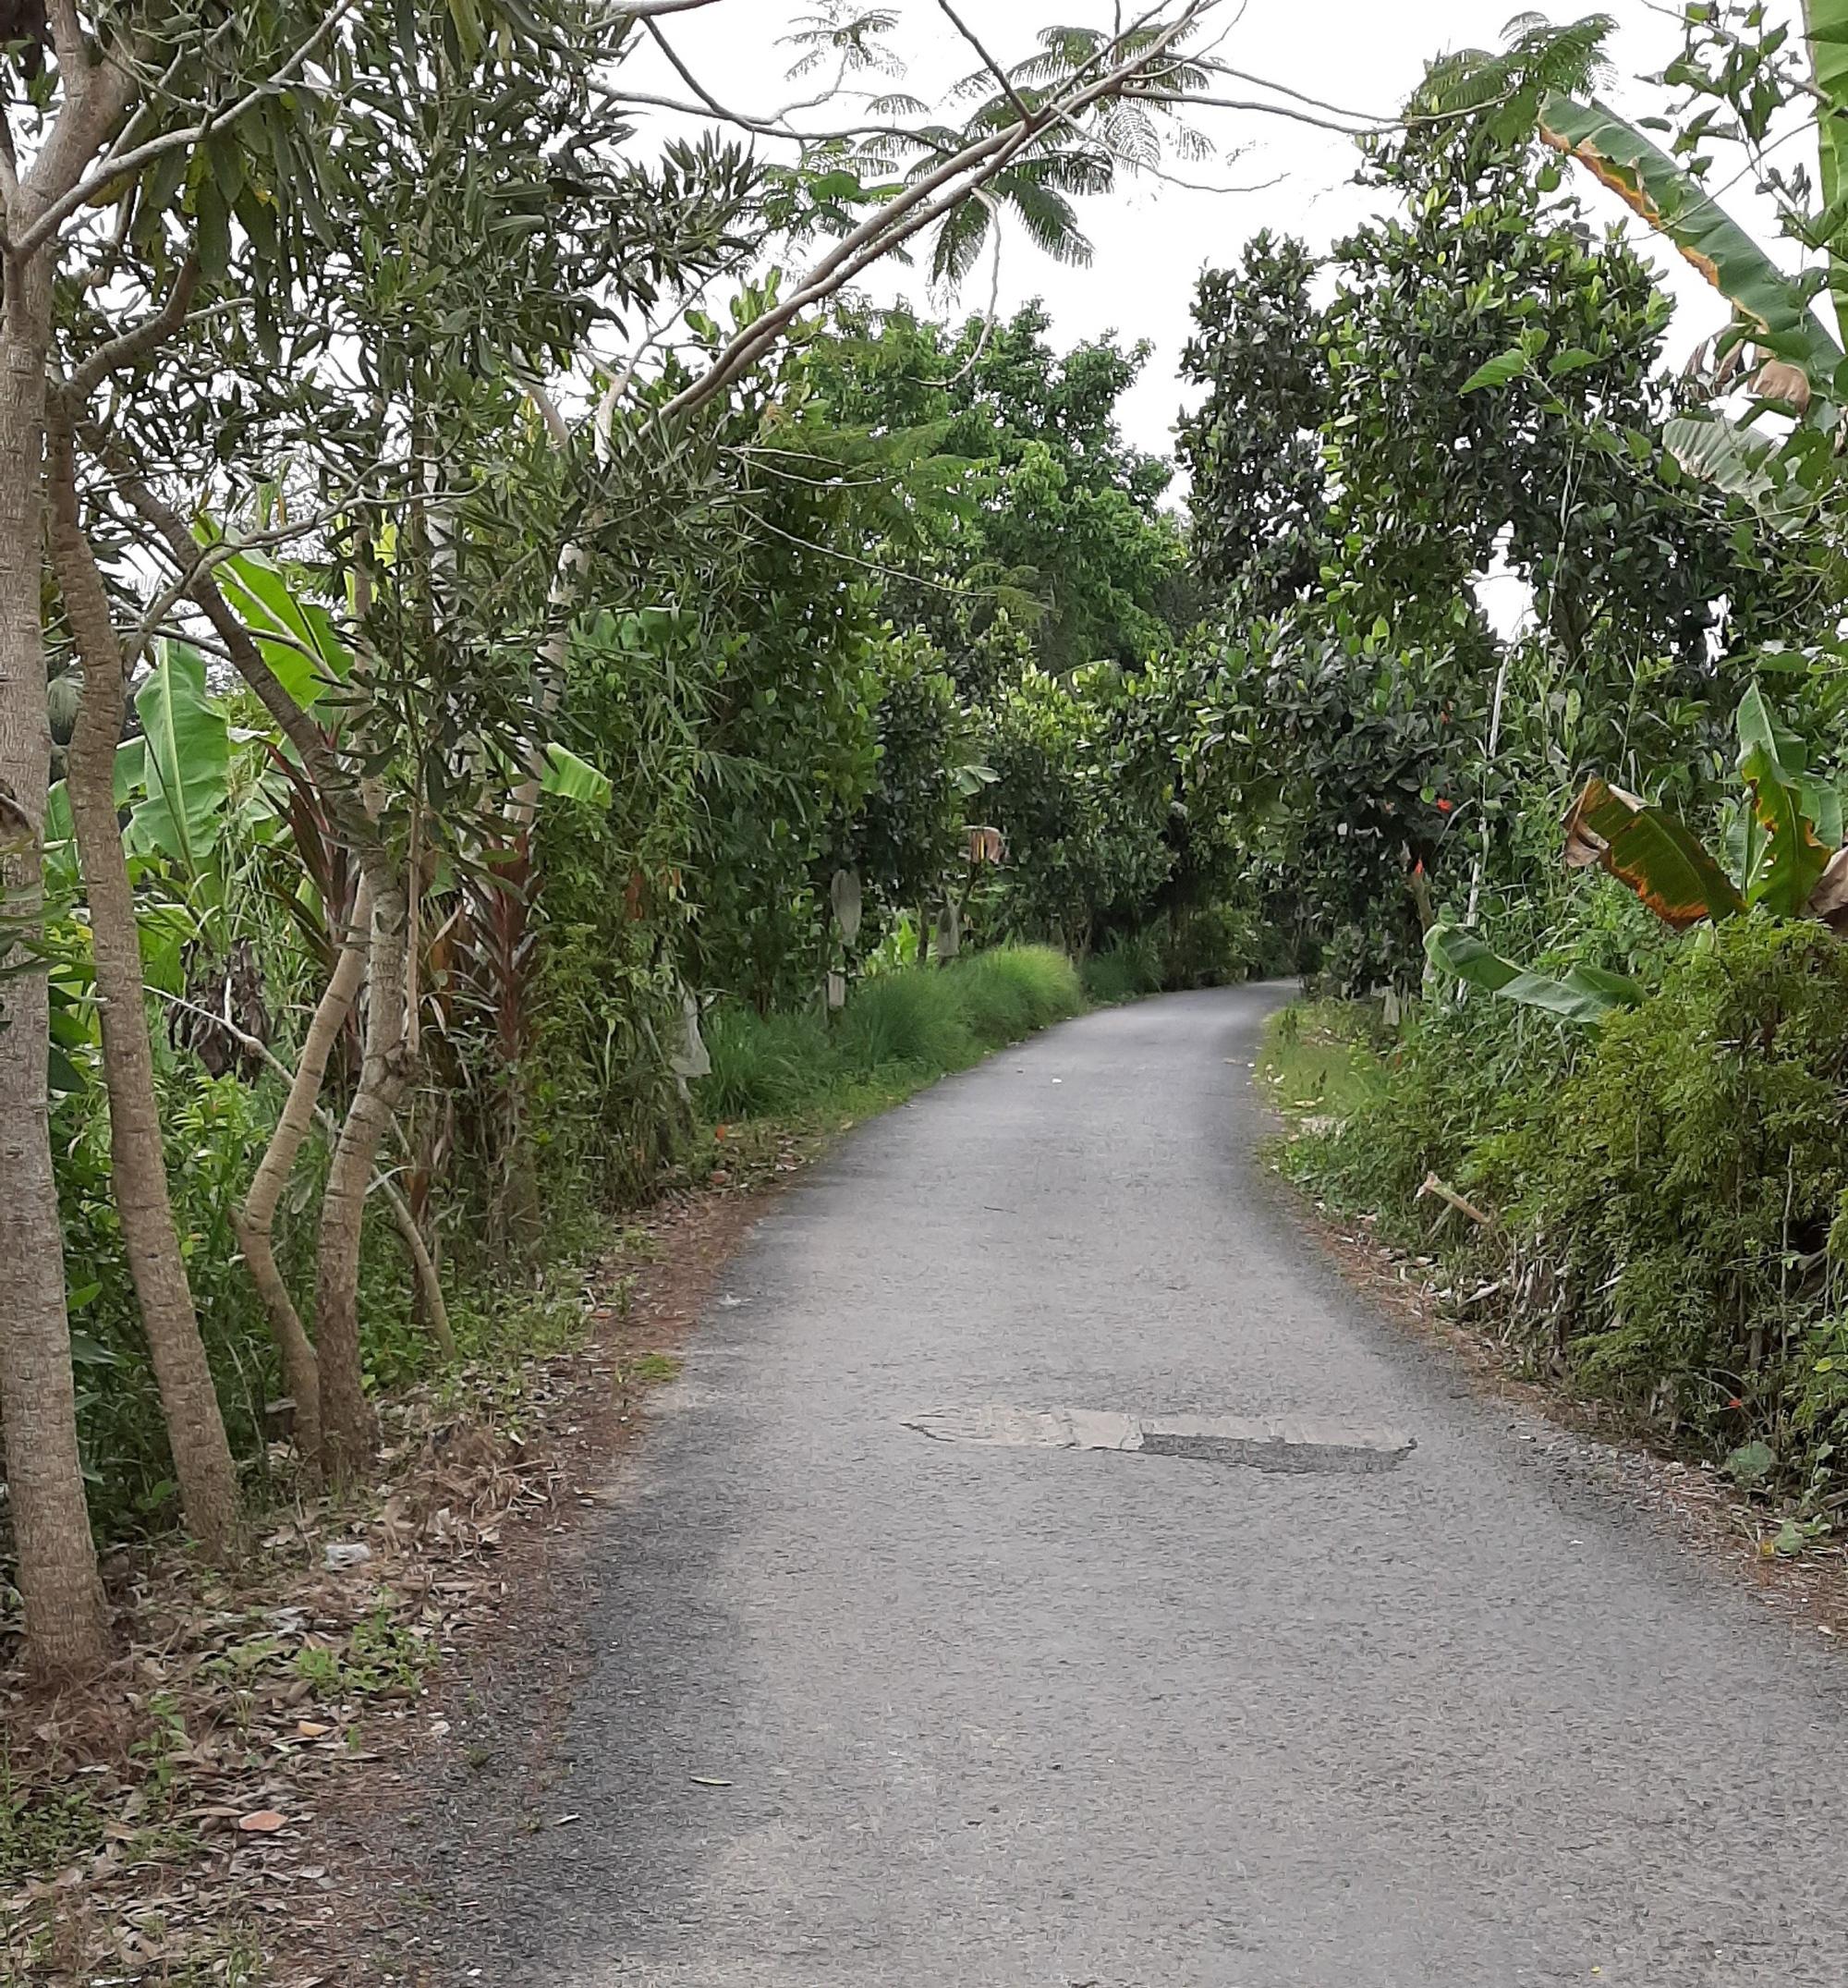 Hình ảnh chân thật vào những ngày tết ở một vùng quê thuộc tỉnh Đồng Tháp vắng vẻ, im lìm.